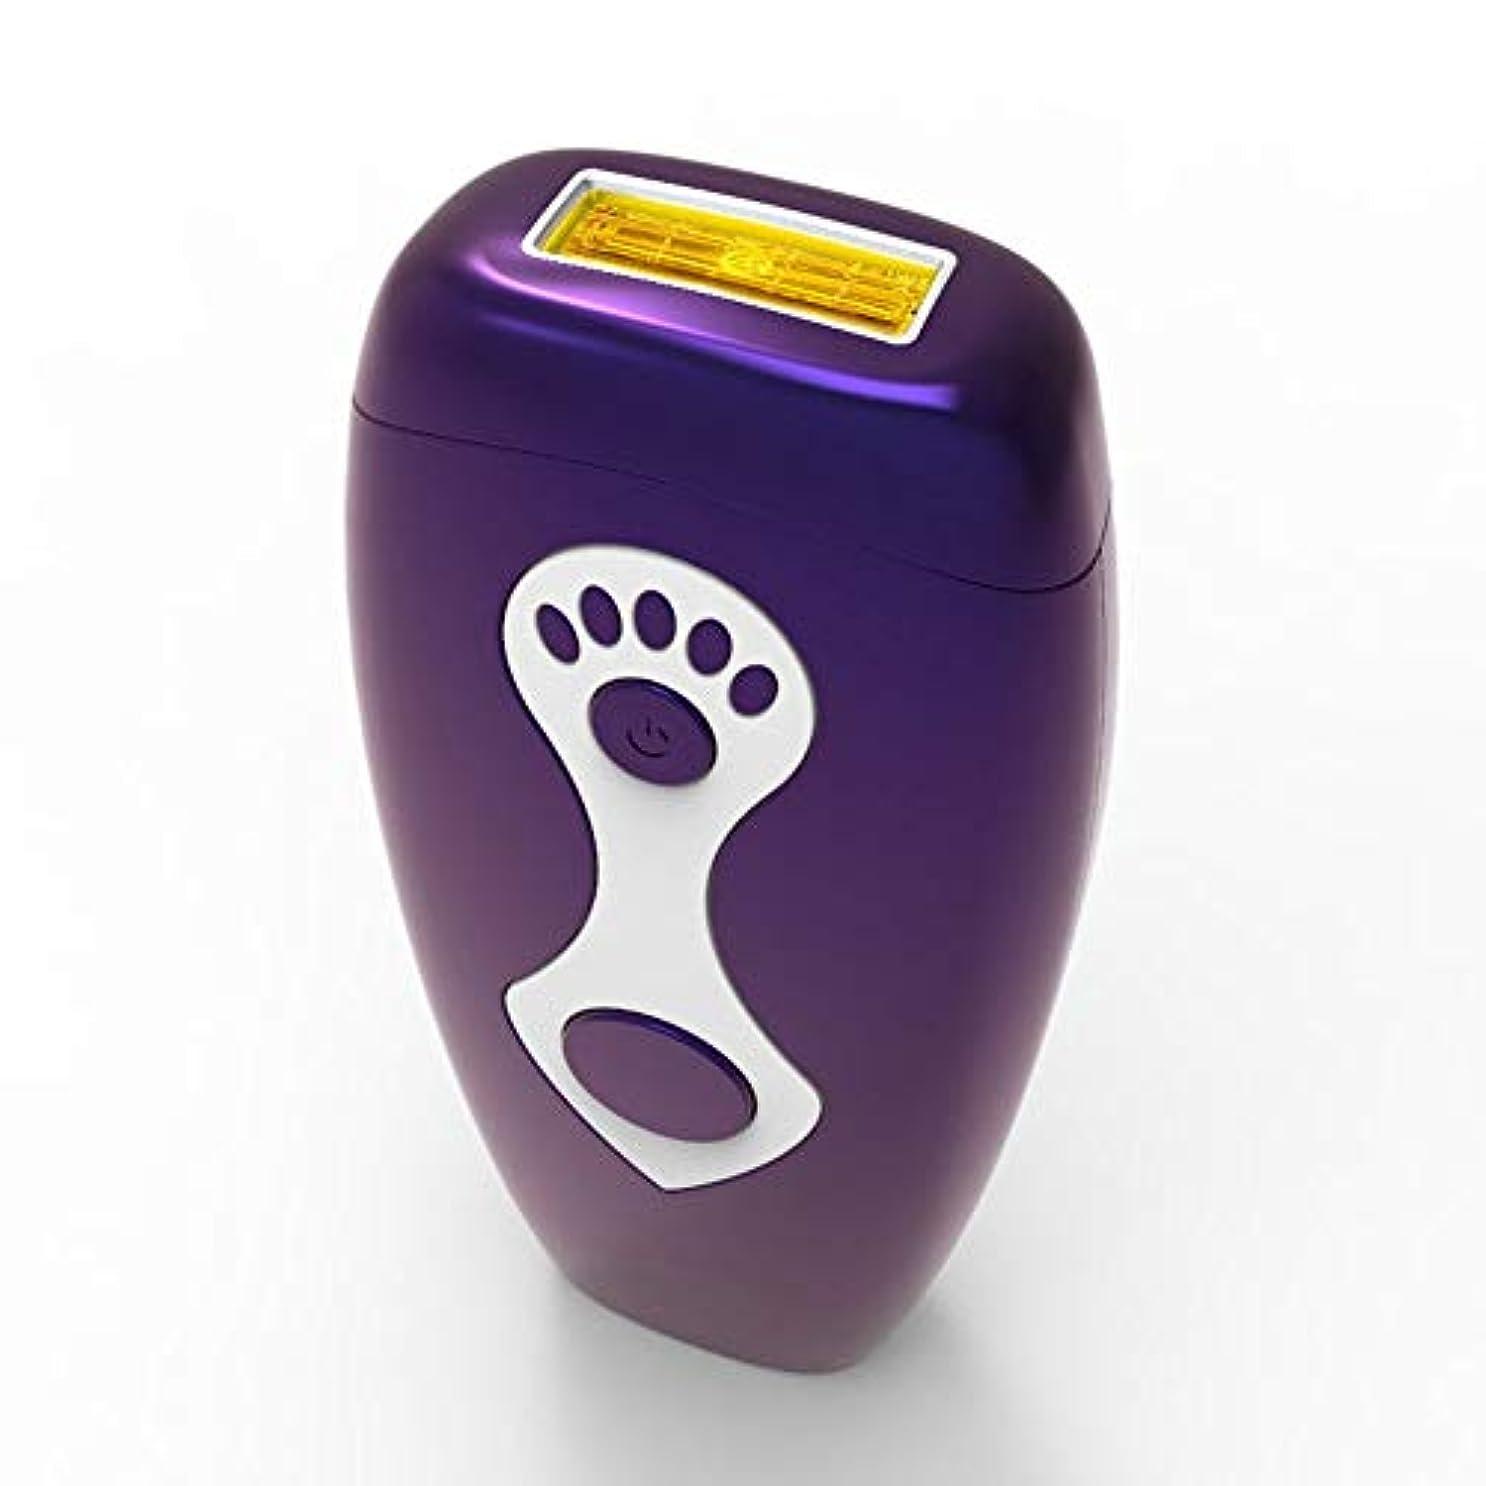 さわやか脚適切にNuanxin パーマネント脱毛、家庭用ニュートラルヘアリムーバー、柔らかい肌、マルチ運動エネルギー、安全性、グレード5無料調整、サイズ7.5×16.5 Cm F30 (Color : Purple)